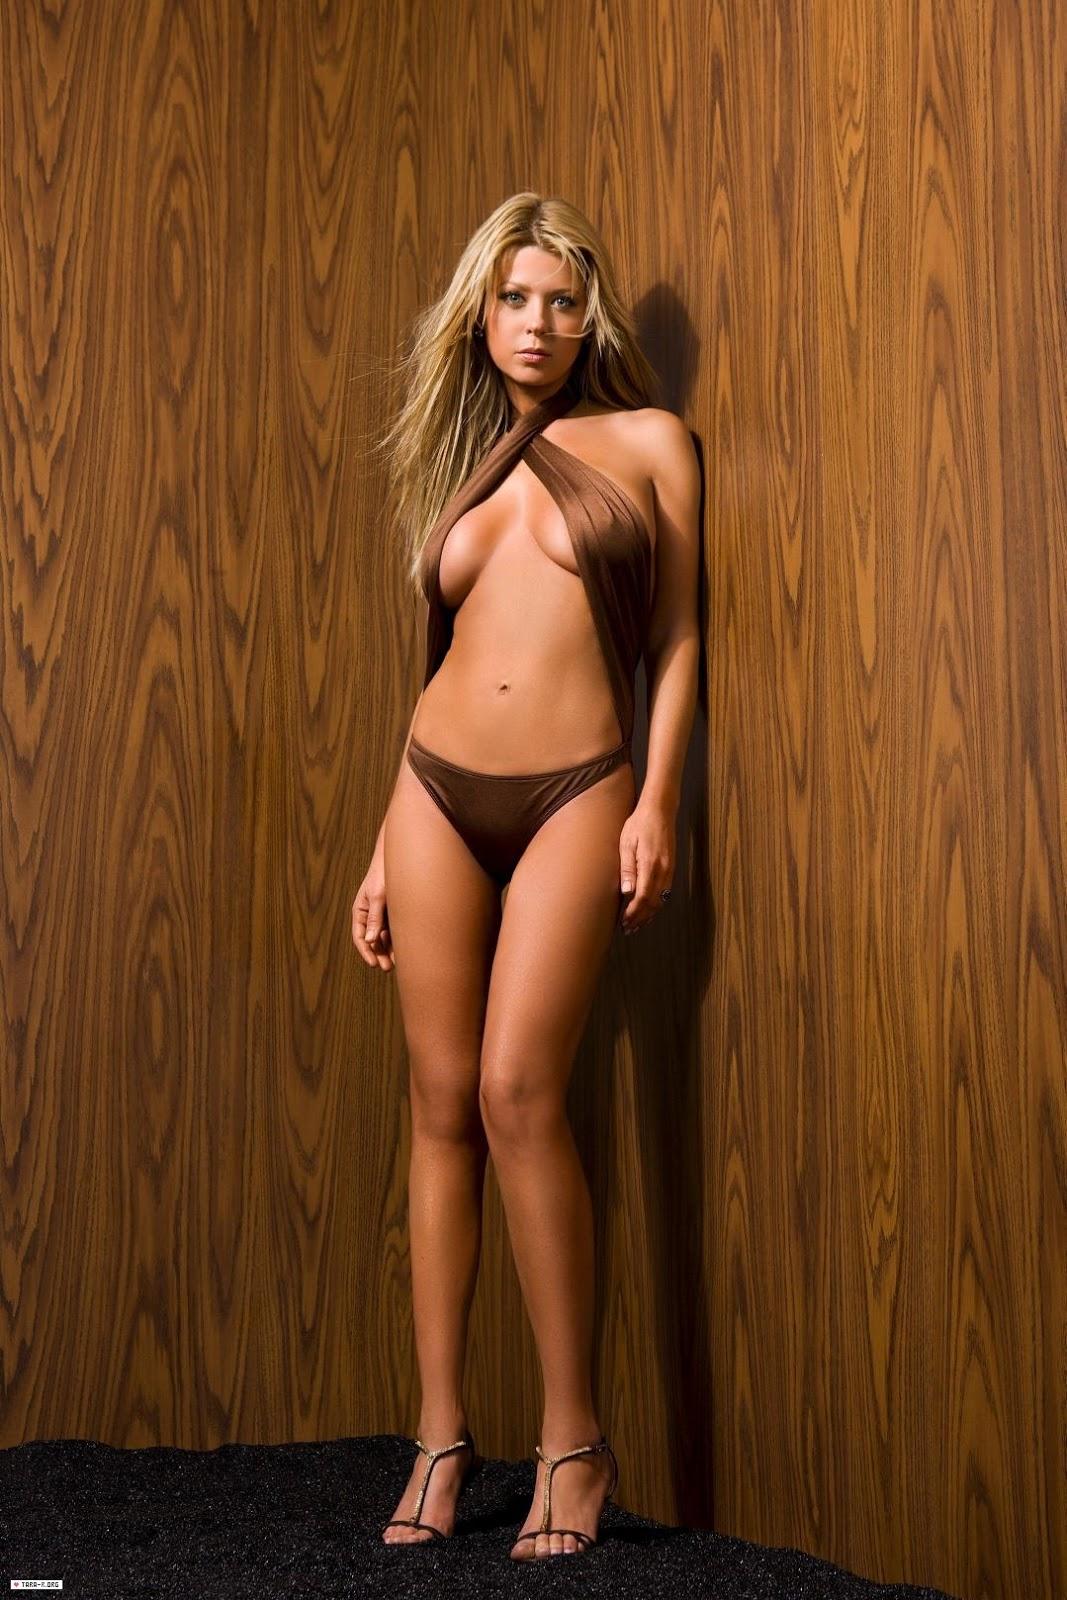 American pie 4 nude pics she's 3movs